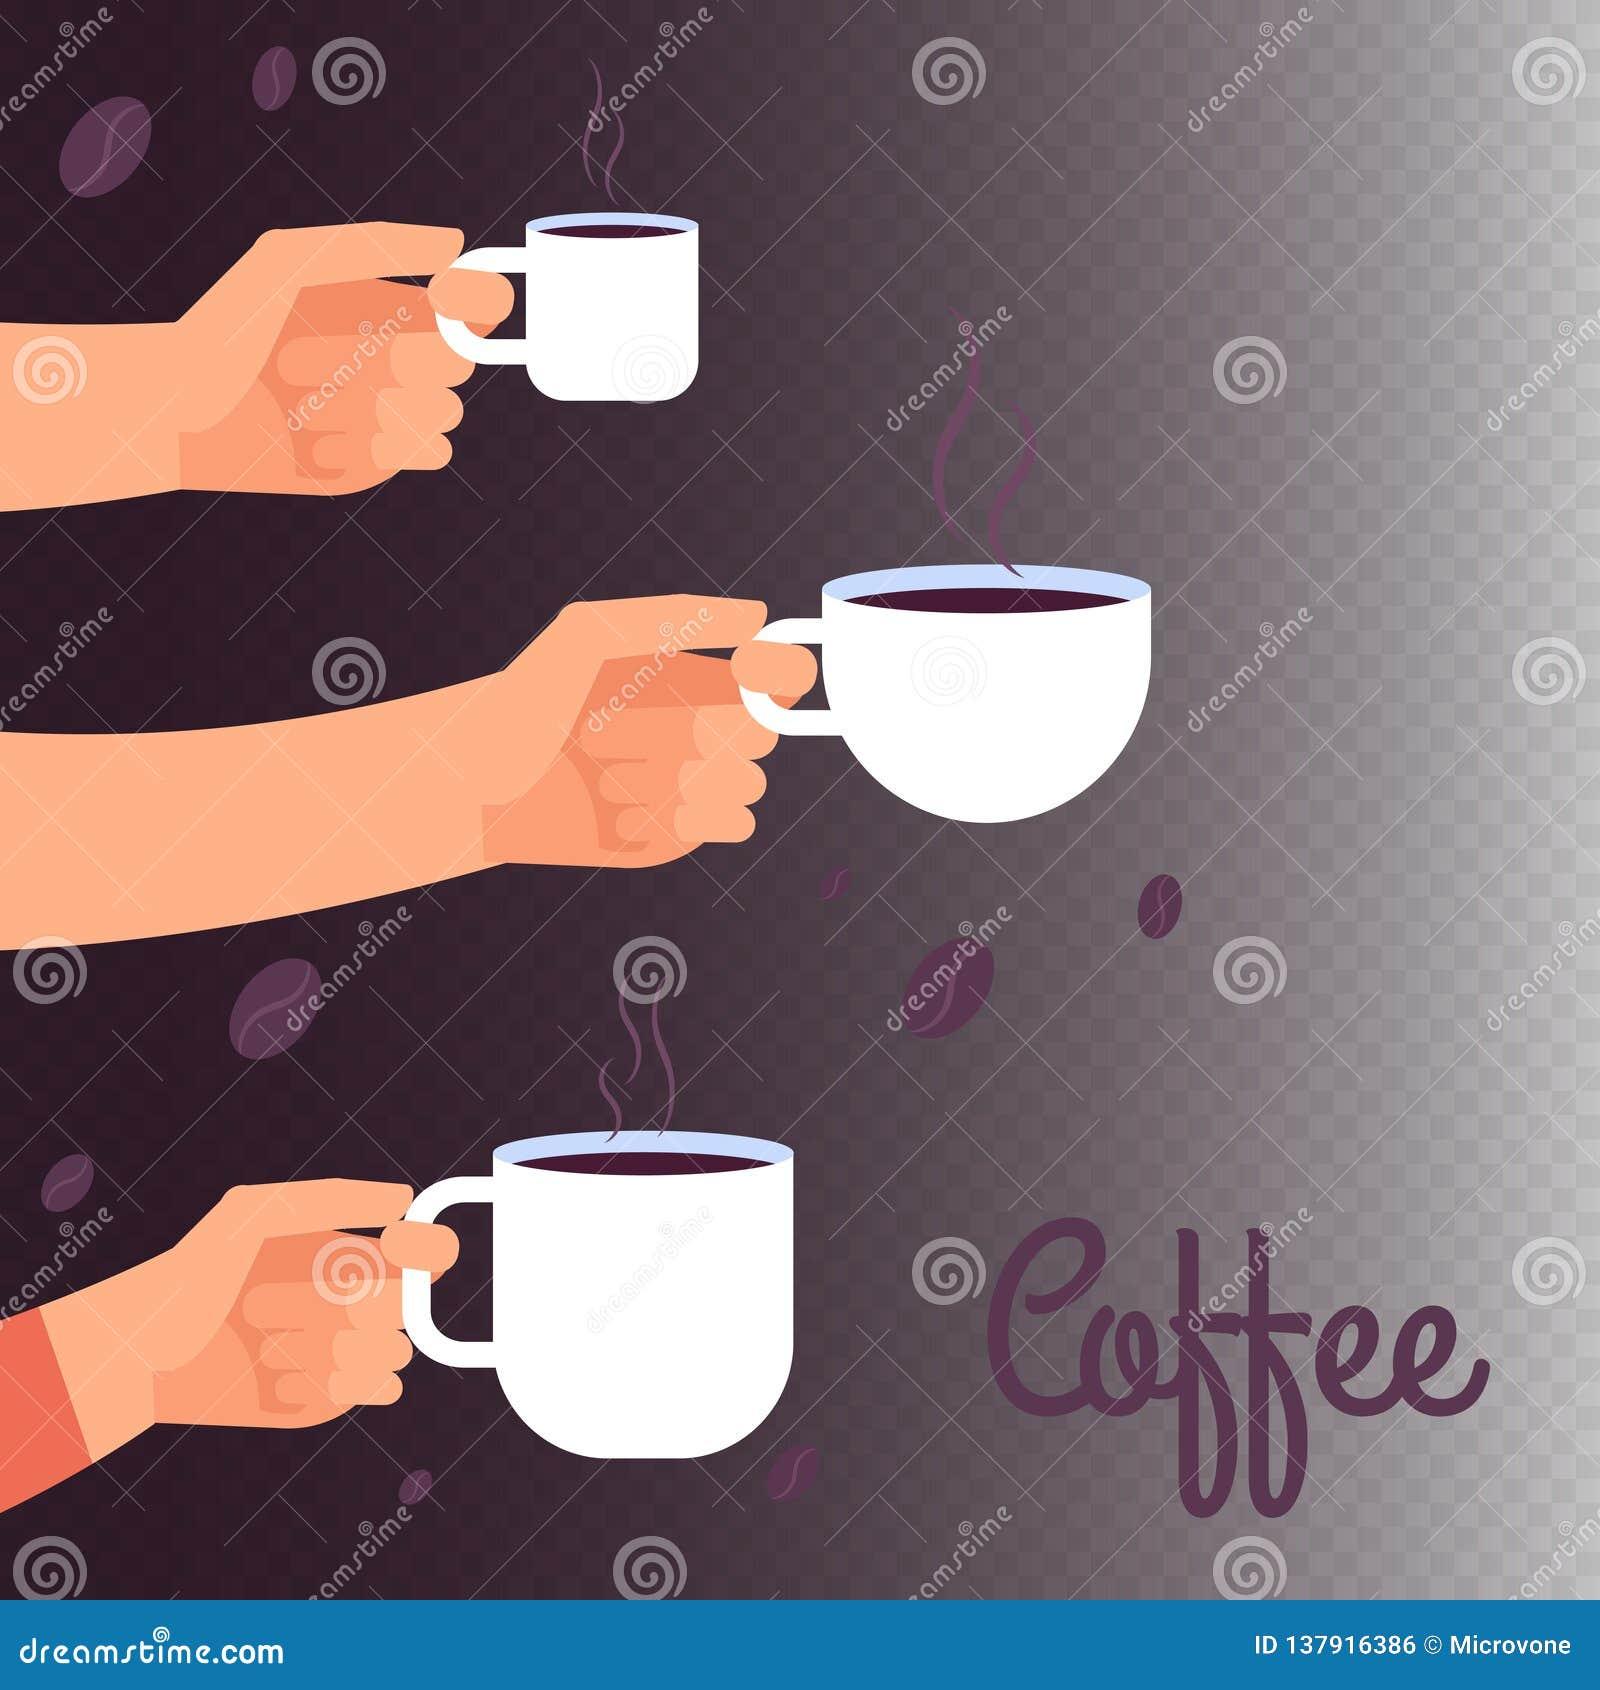 Fond de bannière de vecteur de café avec des mains tenant des tasses de boisson chaude